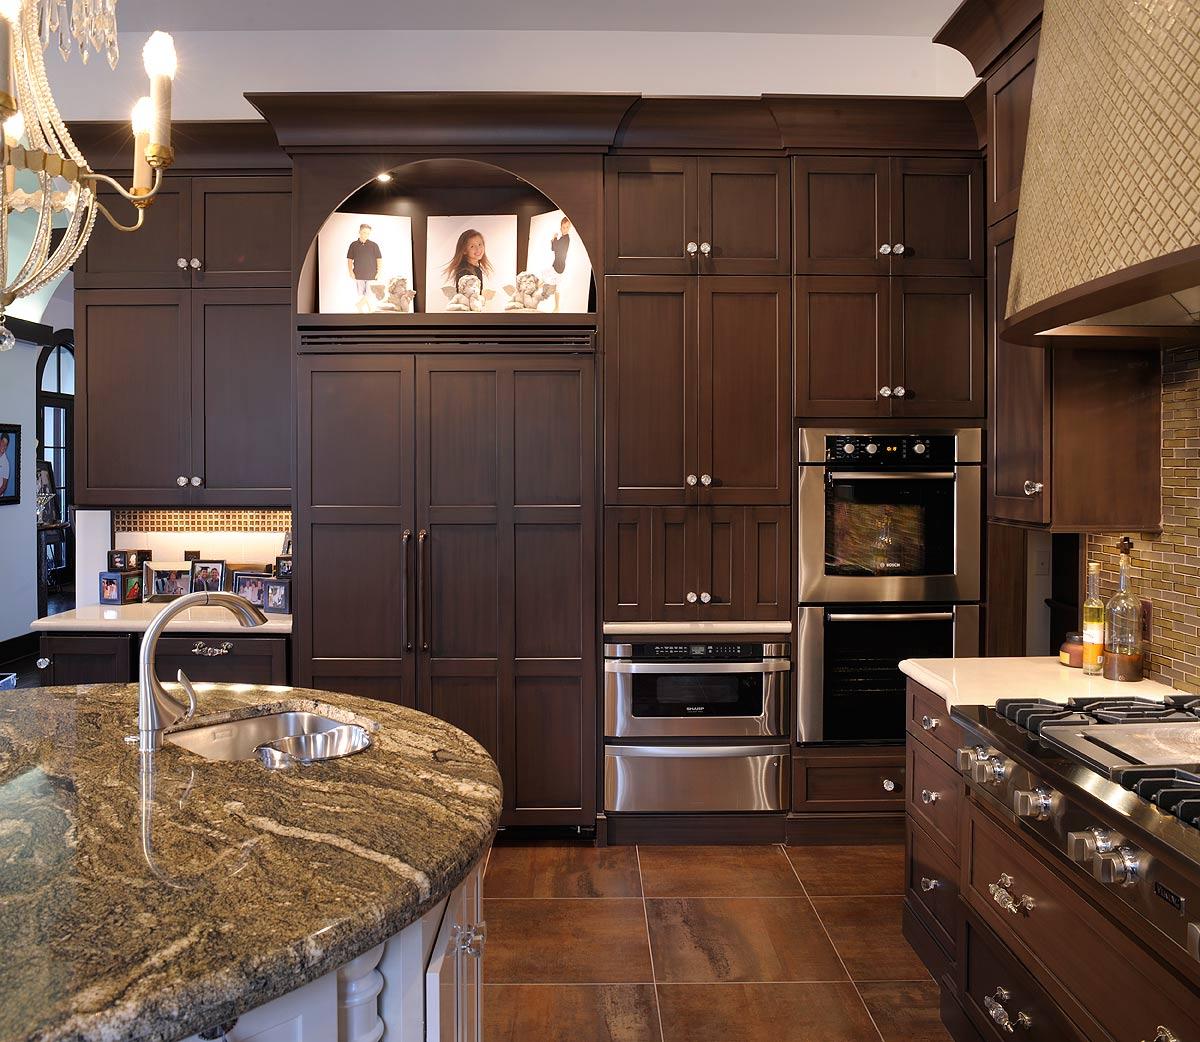 Elegant Kitchen With Dual Round Islands